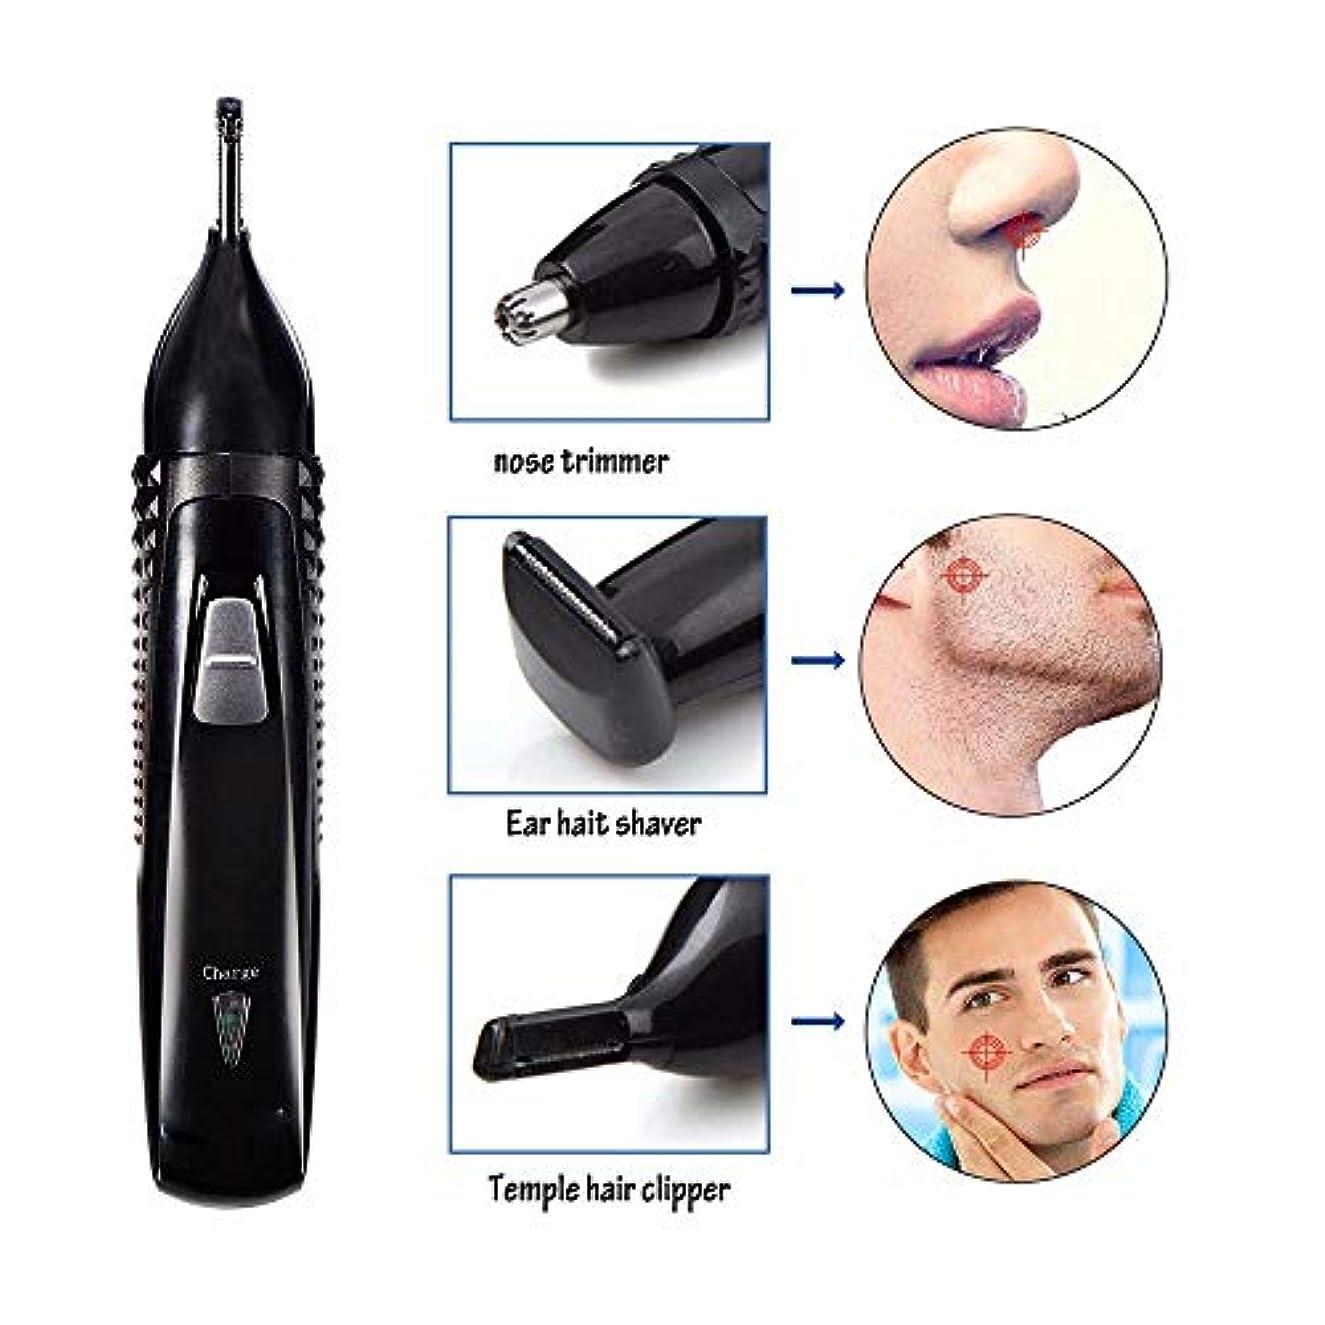 男性の女性のための電子鼻の耳の毛のトリマー、1で3つの充電式鼻の毛のトリマー鼻&耳の男性の耳鼻毛カッターの顔のケア